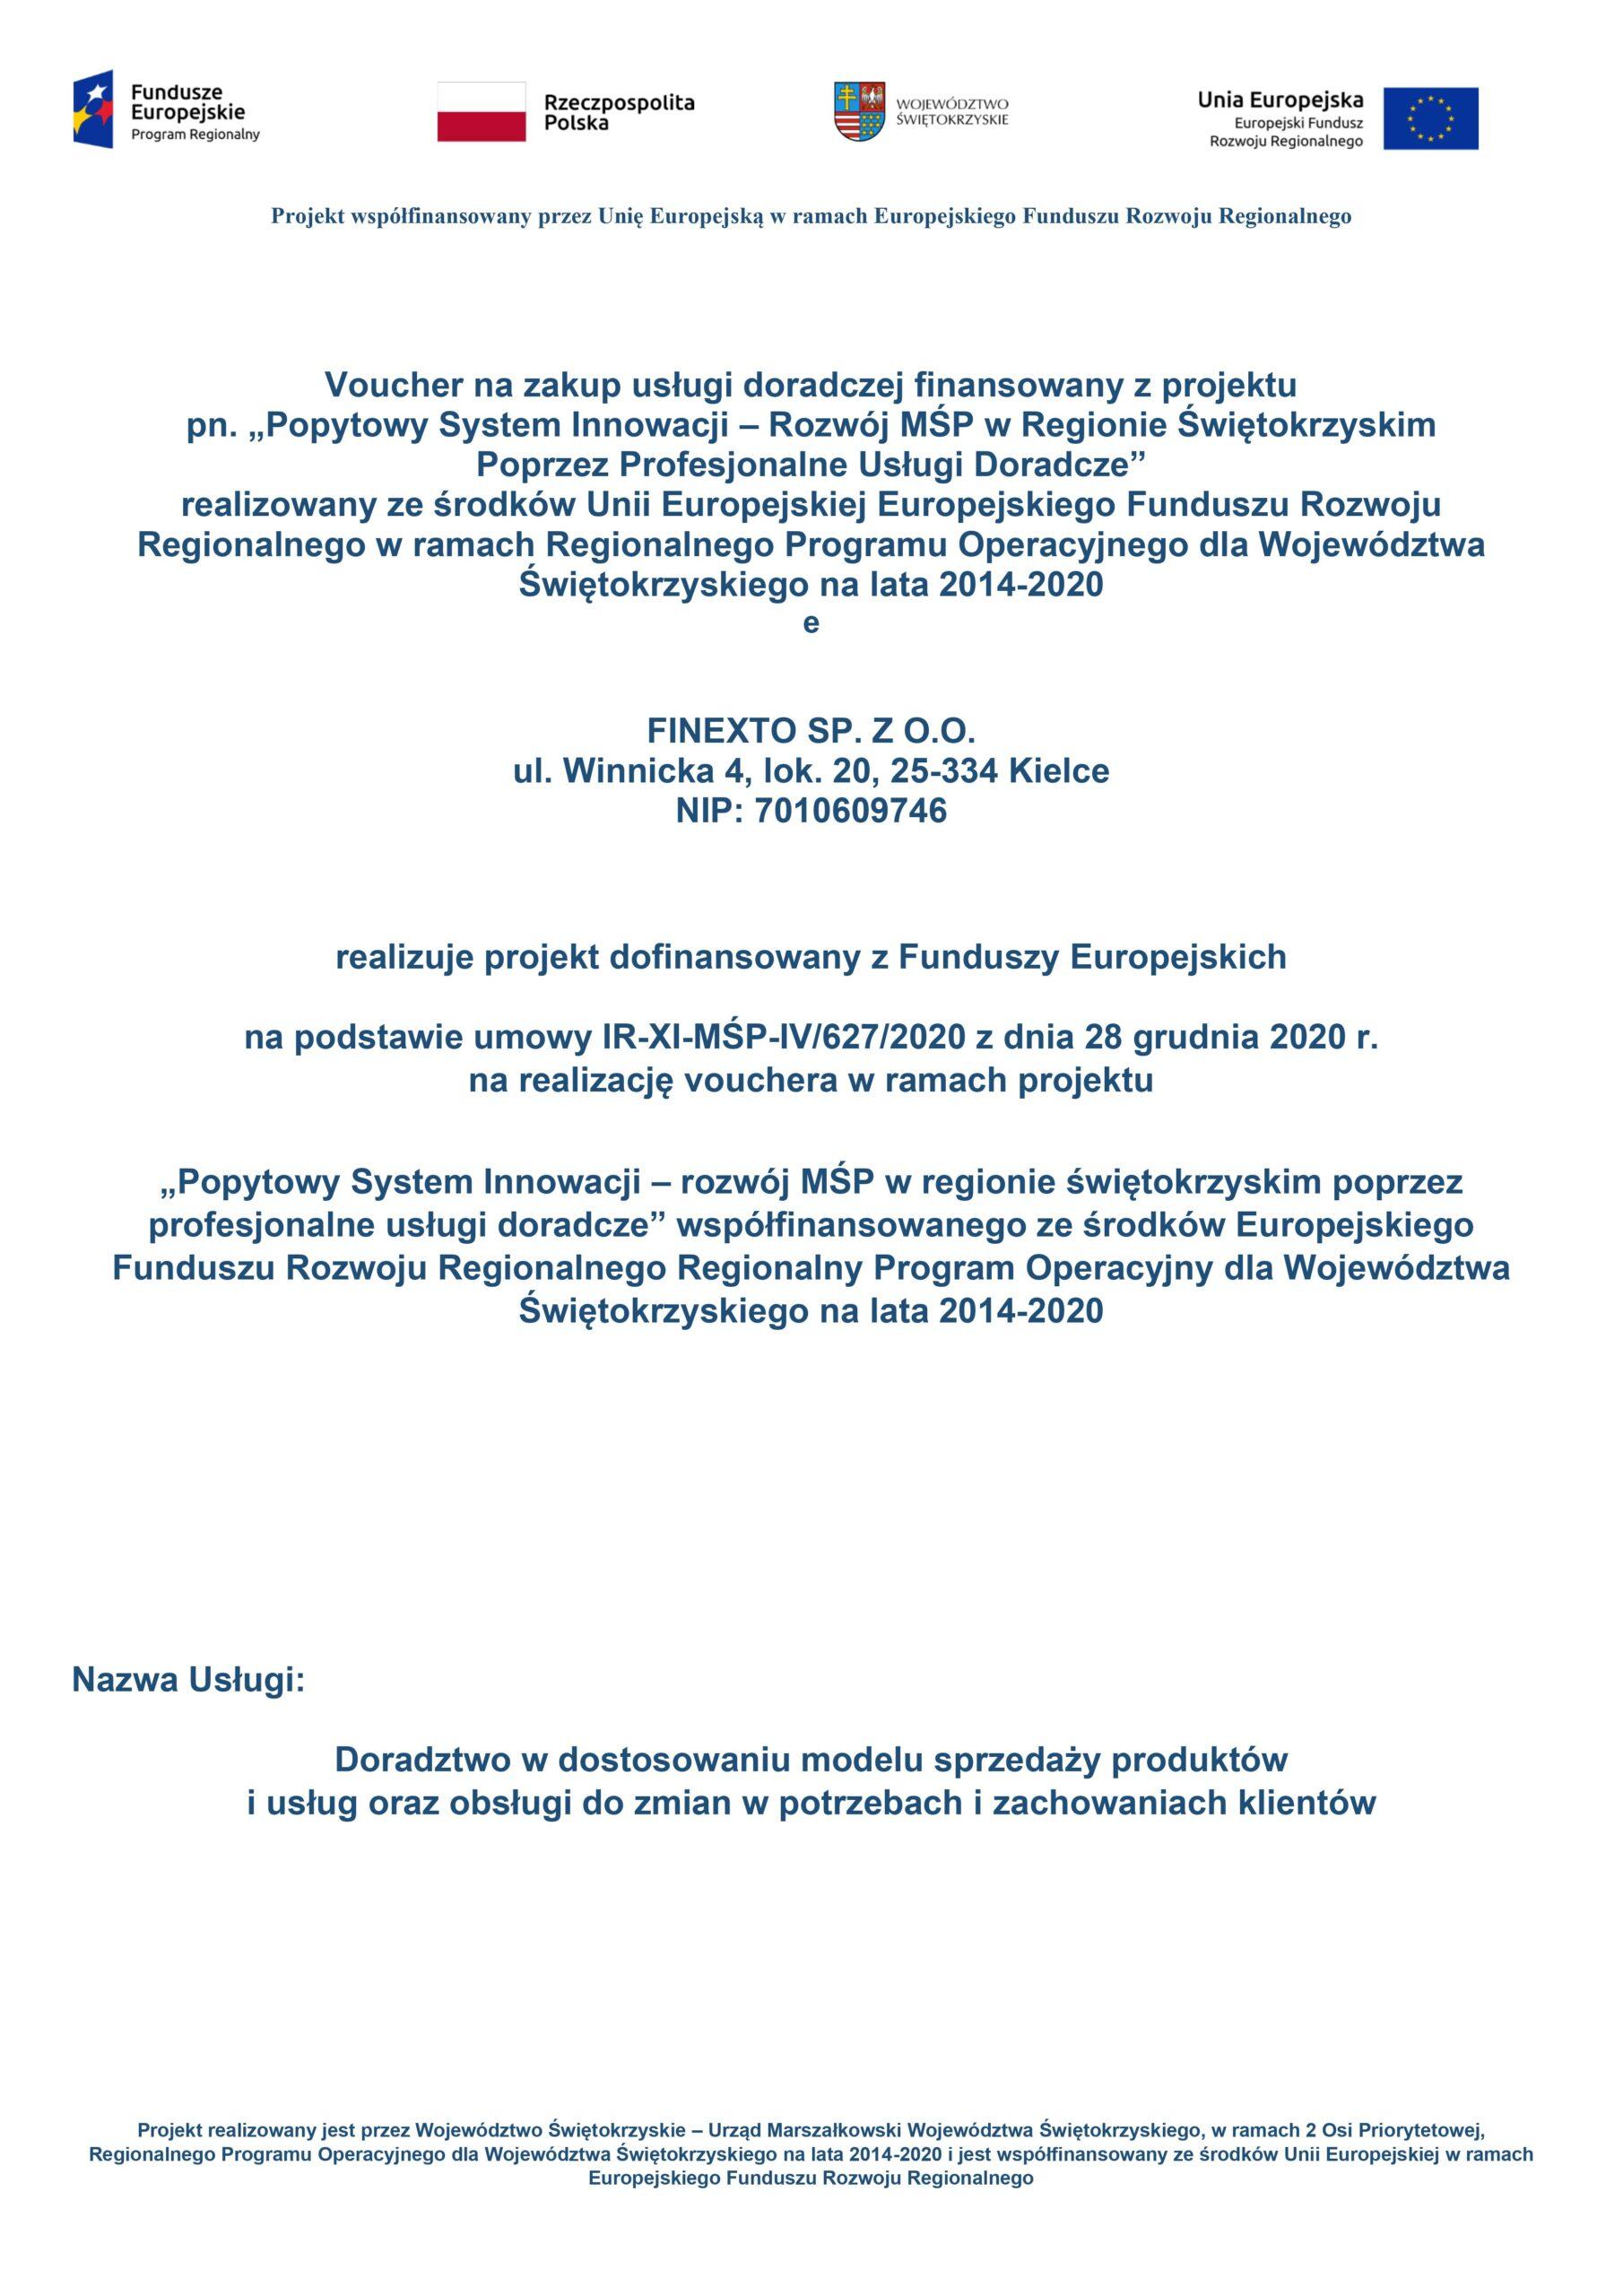 Informacja dotycząca realizacji projektu dofinansowanego zFunduszy Europejskich